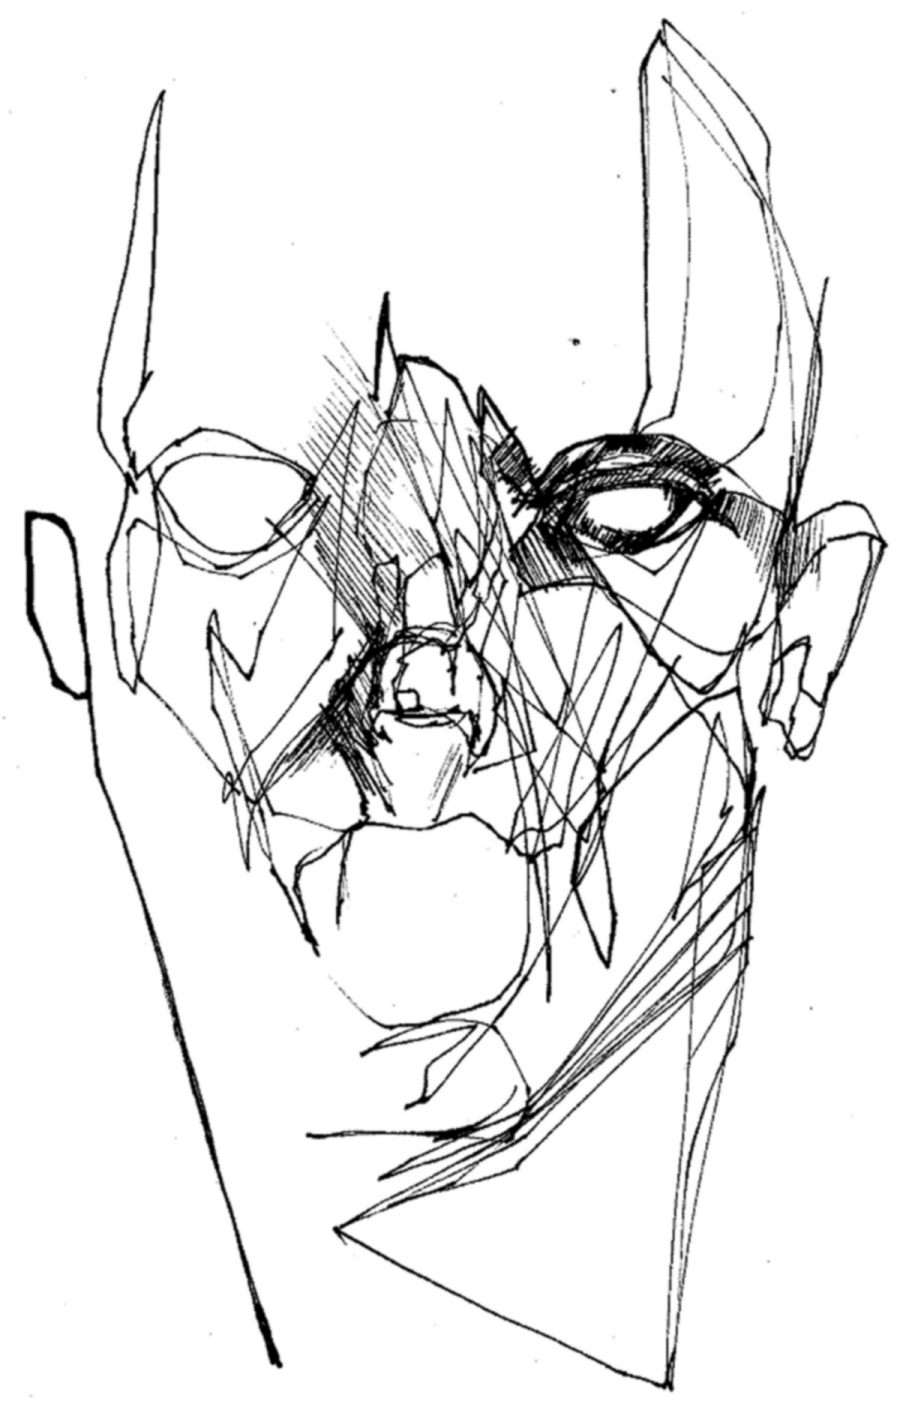 [RENDER/PAPER] Esquisse 3 – Antistatik / MOLOTOW